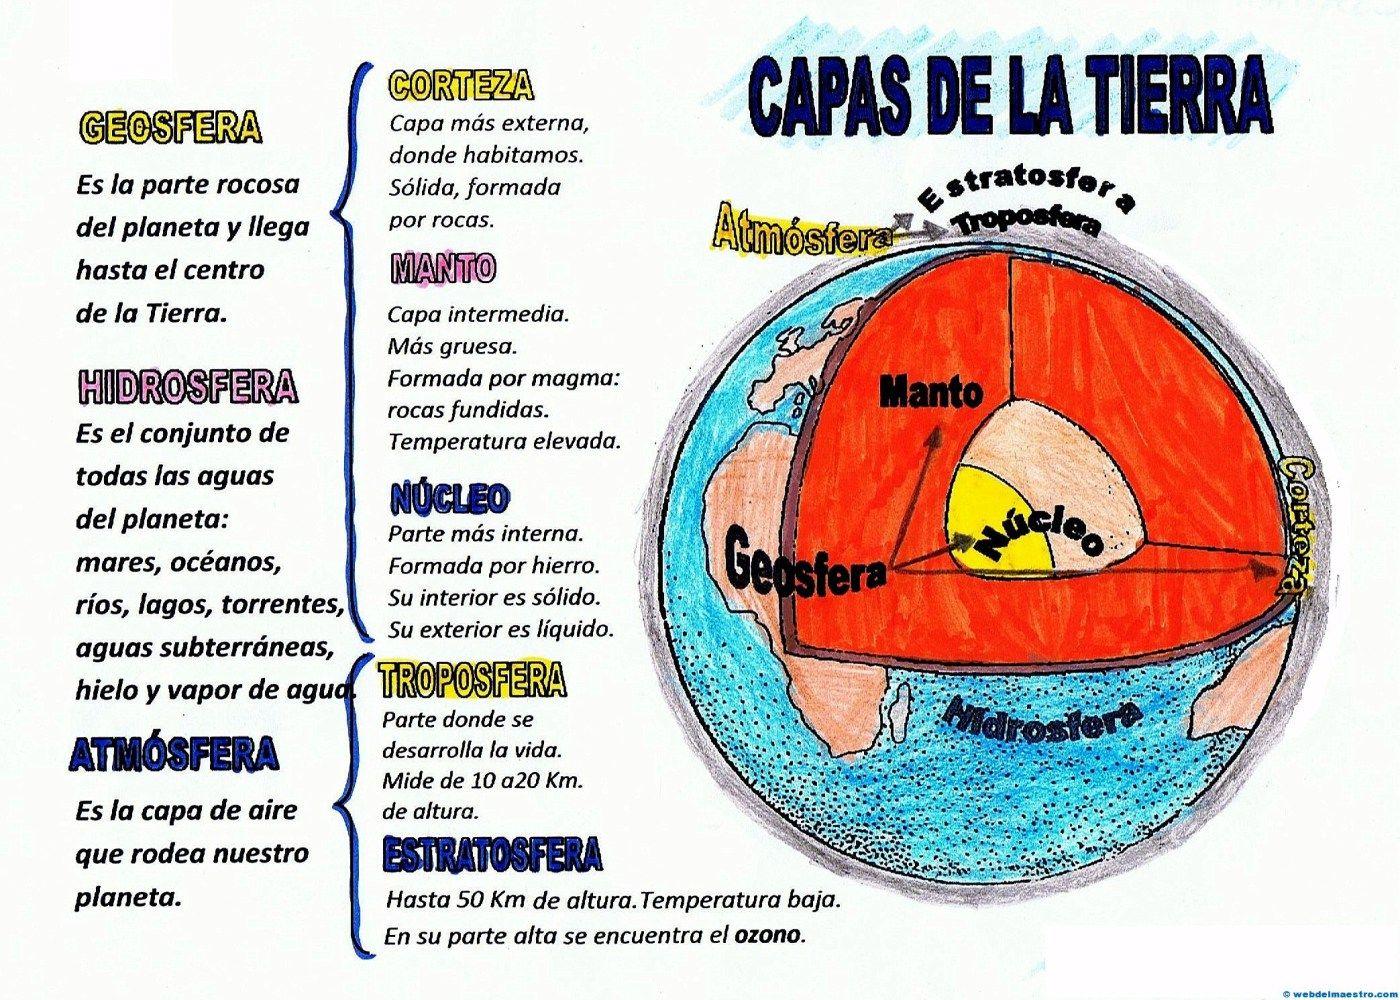 Capas De La Tierra Web Del Maestro Capas De La Tierra Enseñanza De La Geografía Ciencias De La Tierra